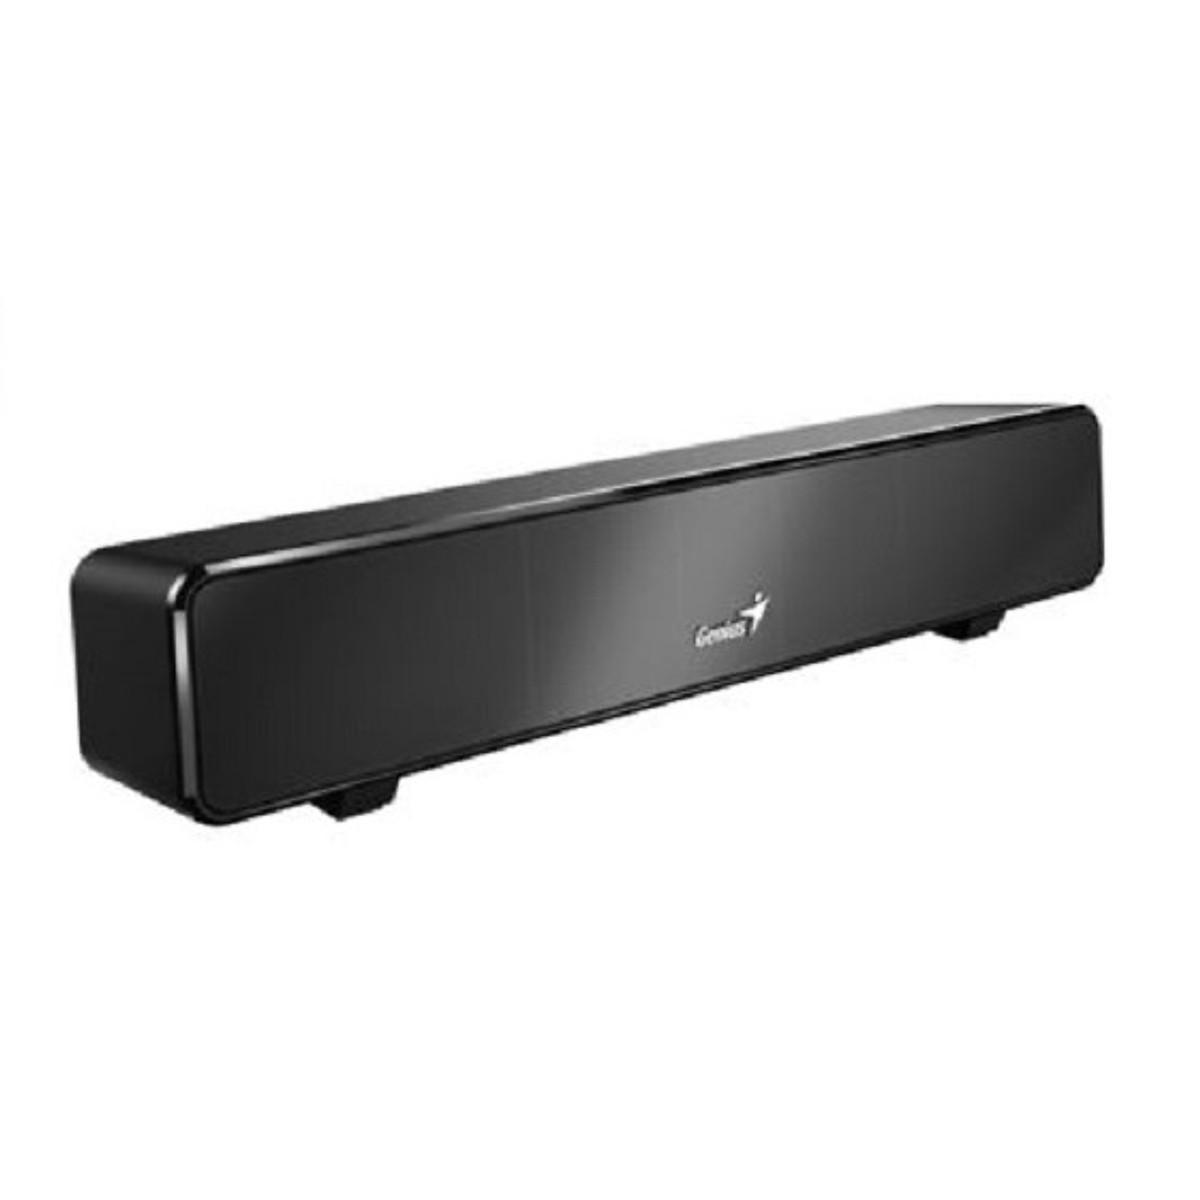 Loa Soundbar 100 USB Genius – Hàng chính hãng